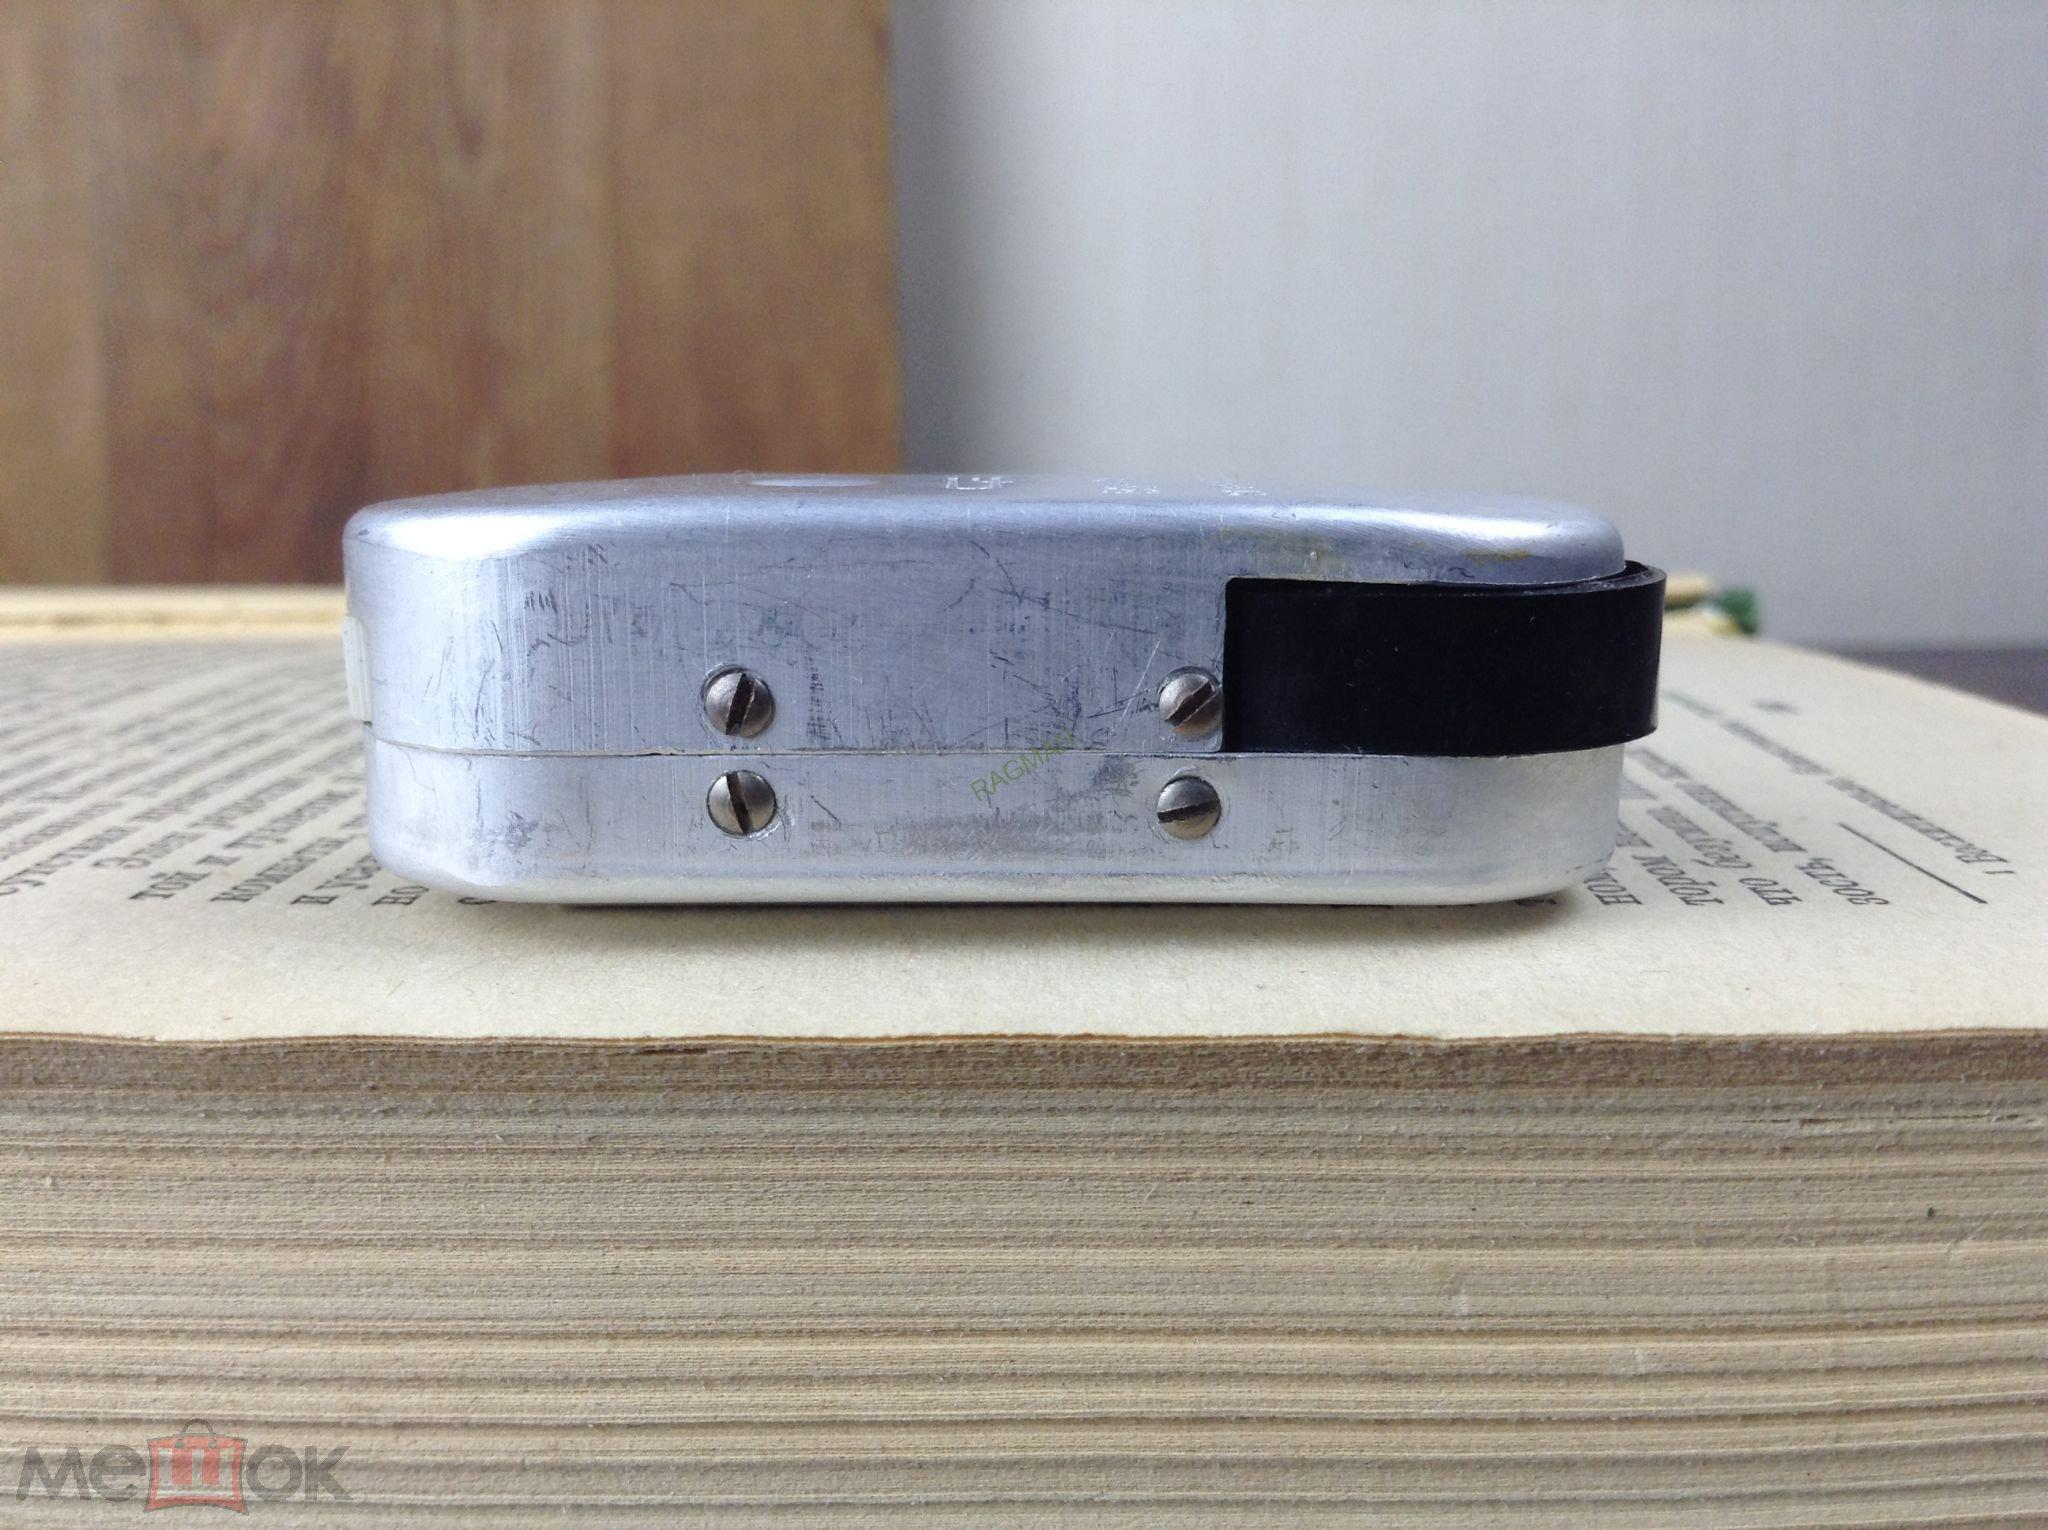 Аппарат электронный ВЗ-1ВМ2И (74-00-00-02 ТУ) портативный персональный внешний слуховой аппарат СССР